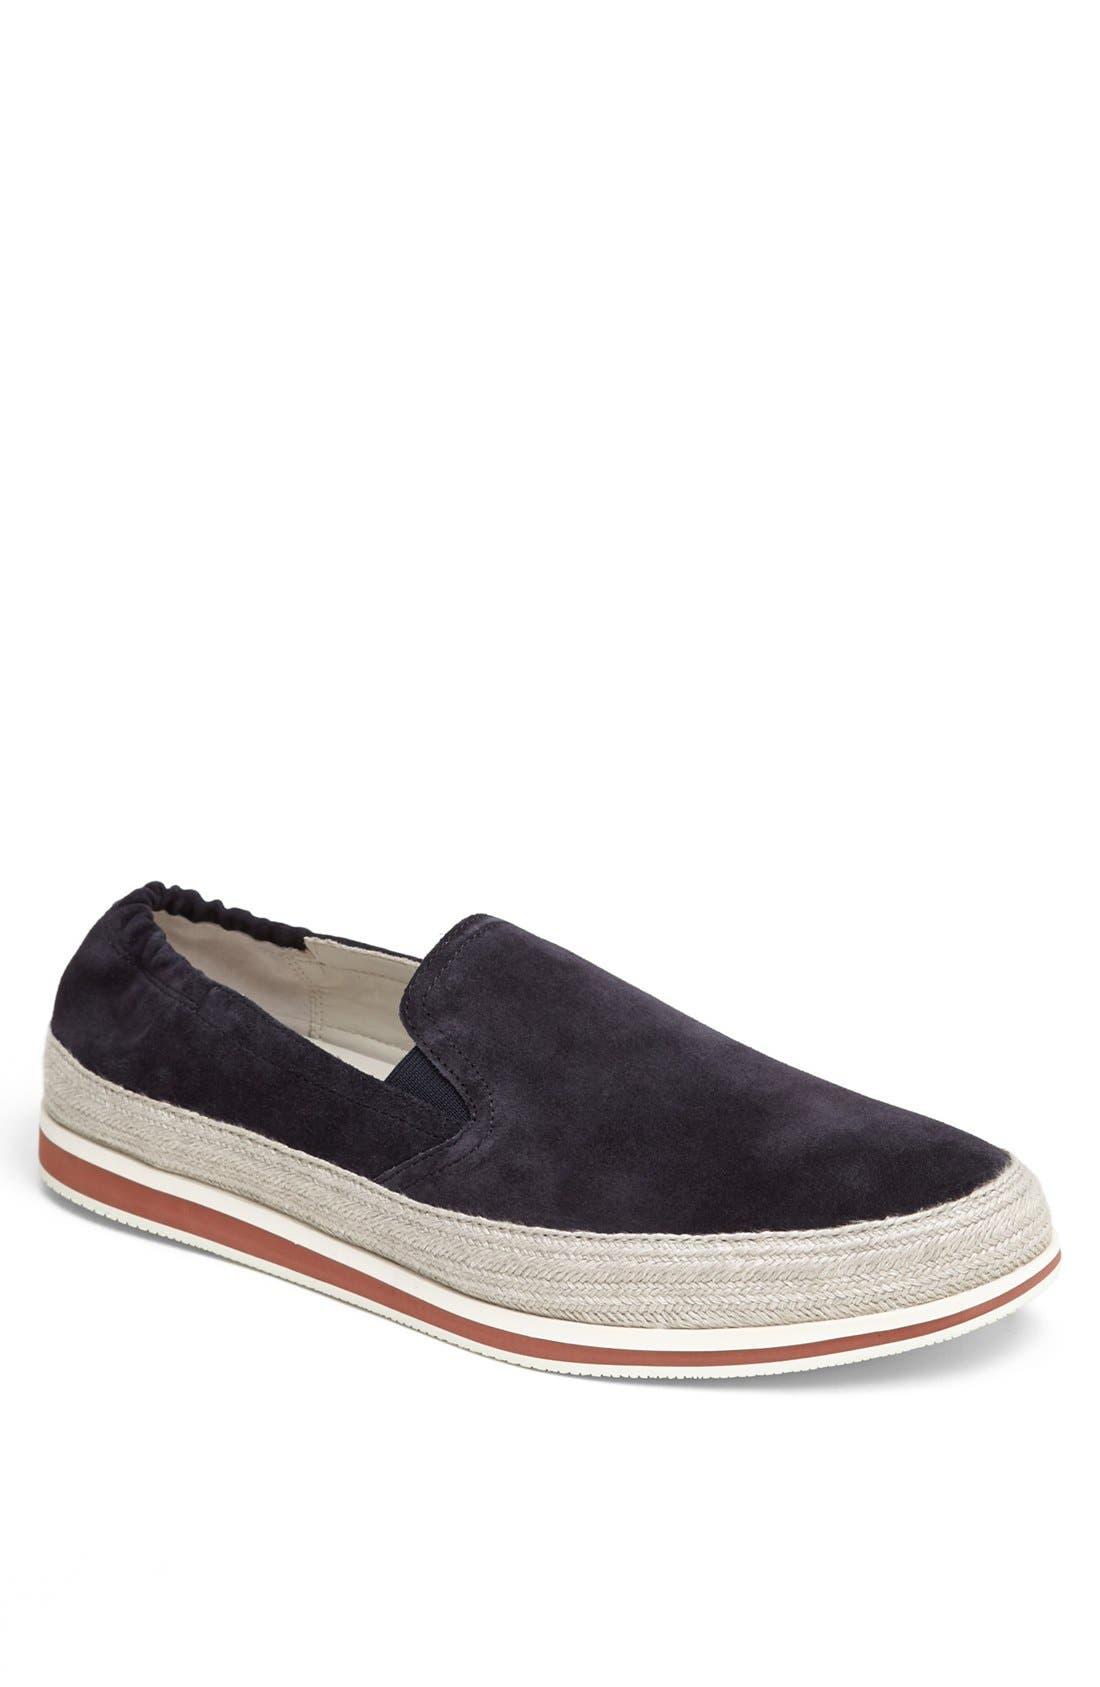 Main Image - Prada Espadrille Sneaker